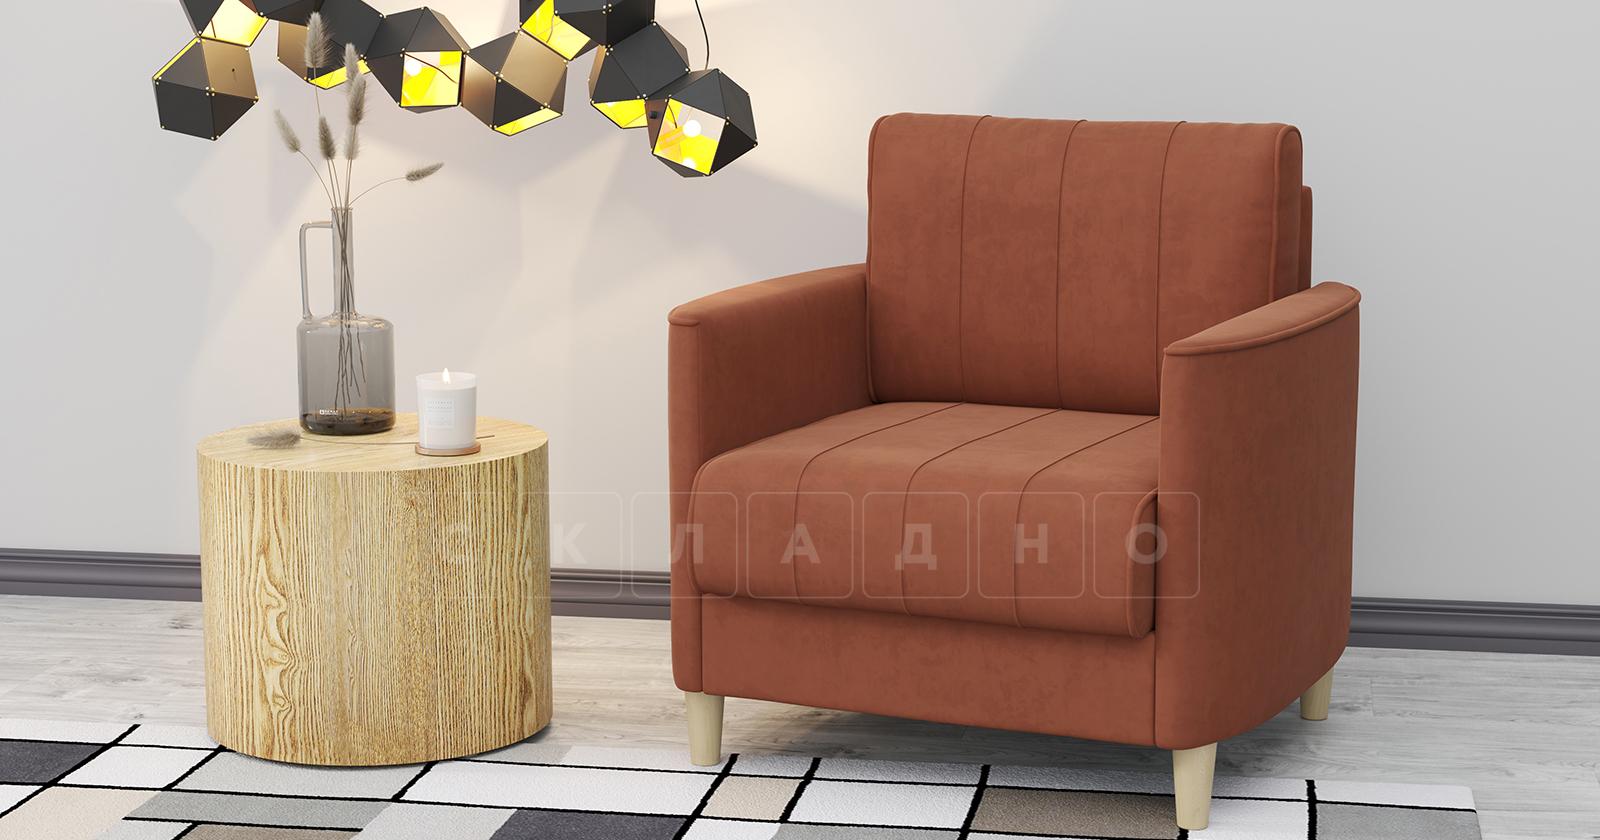 Кресло для отдыха Лорен кирпичный фото 2 | интернет-магазин Складно